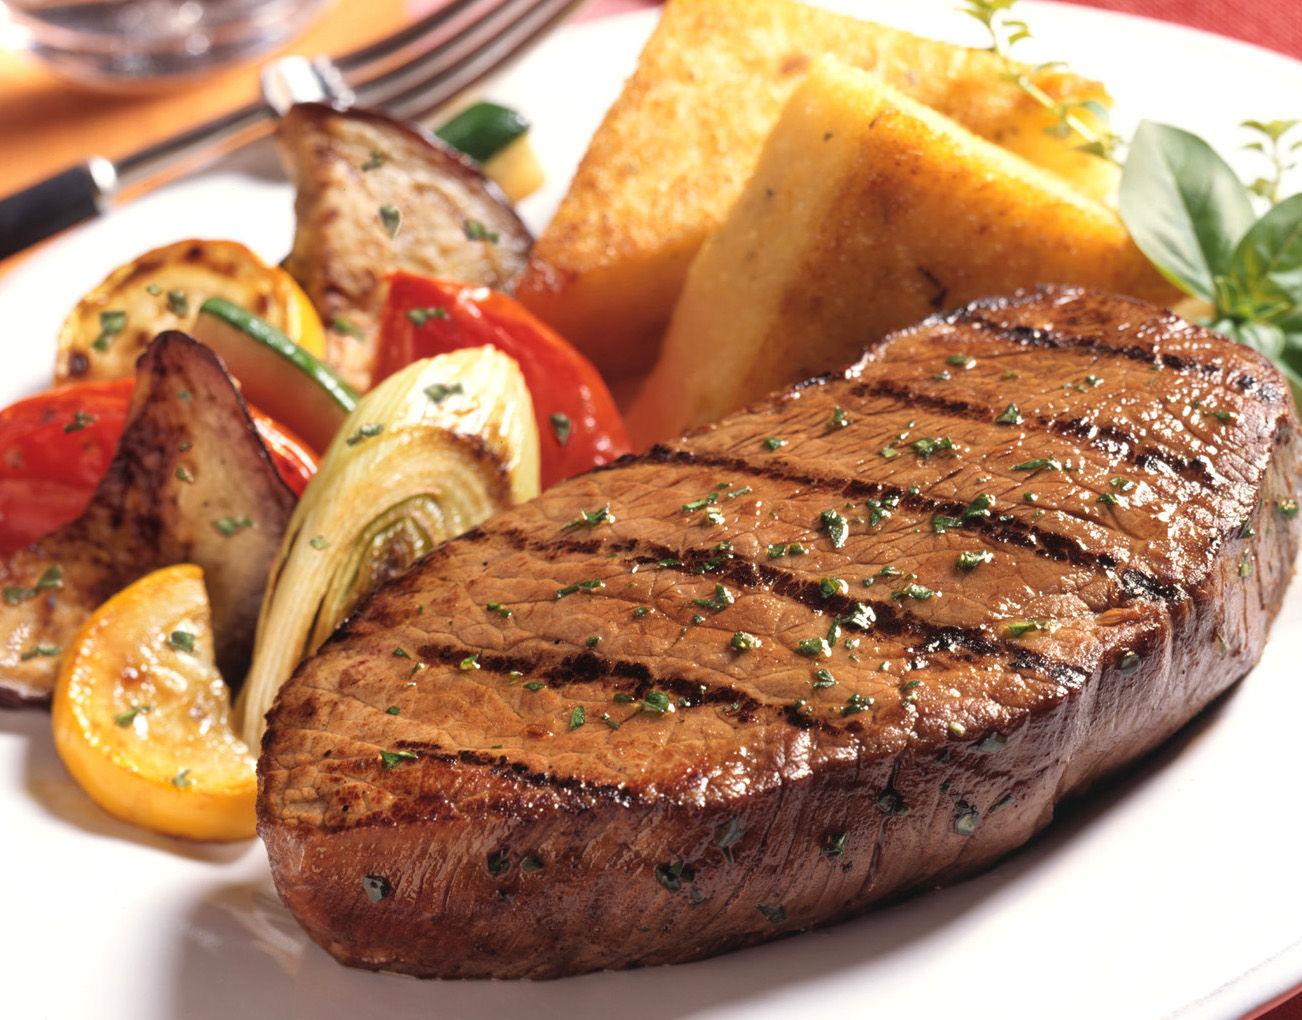 ¿Cuál es tu comida preferida?